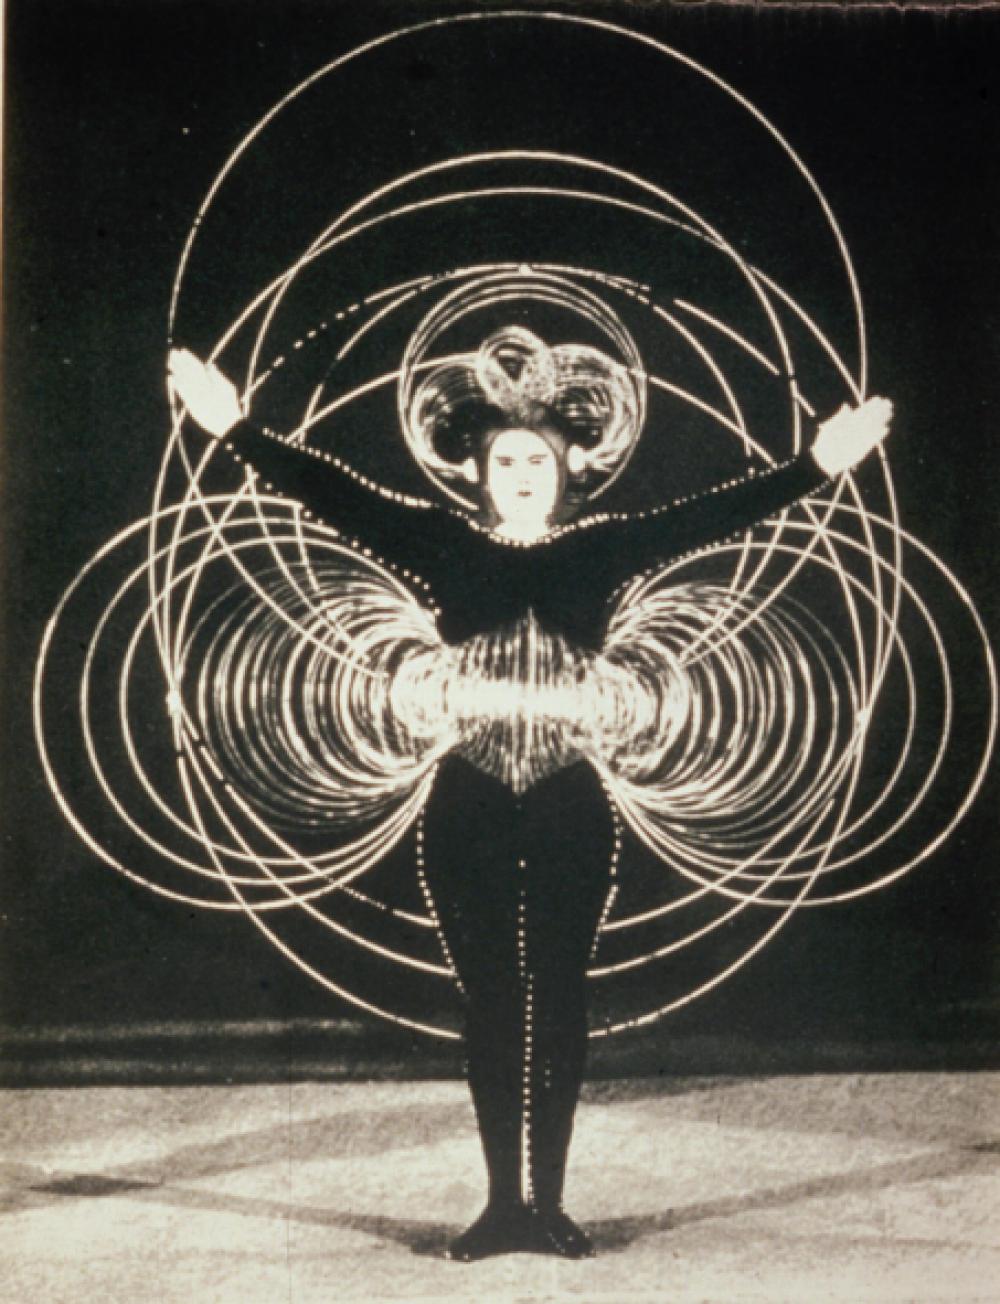 Oscar Schlemmer, Triadic Ballet